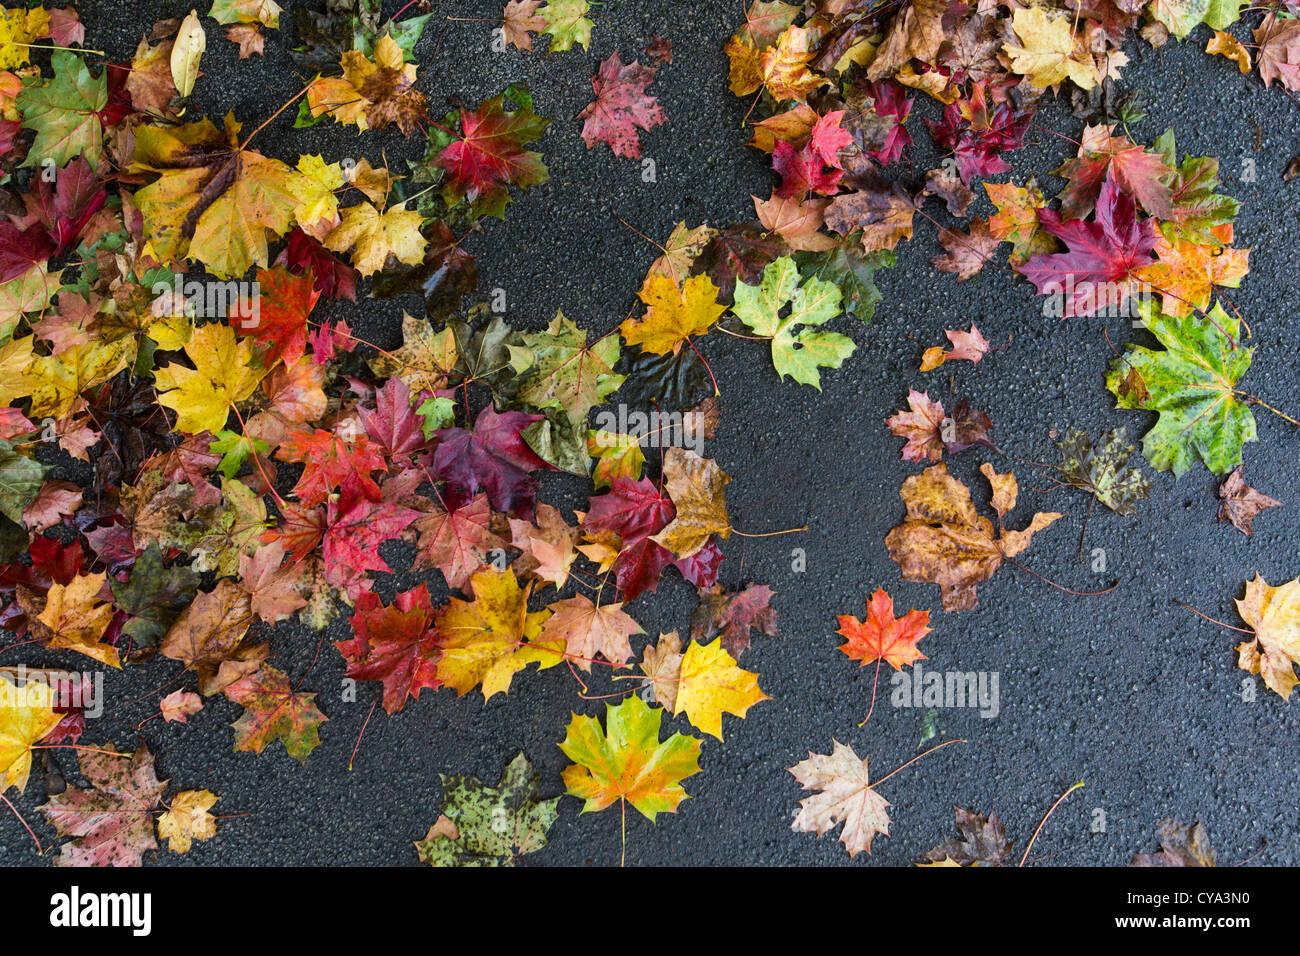 Les feuilles d'automne humide posé sur une voie goudronnée à Birmingham, Royaume-Uni Photo Stock